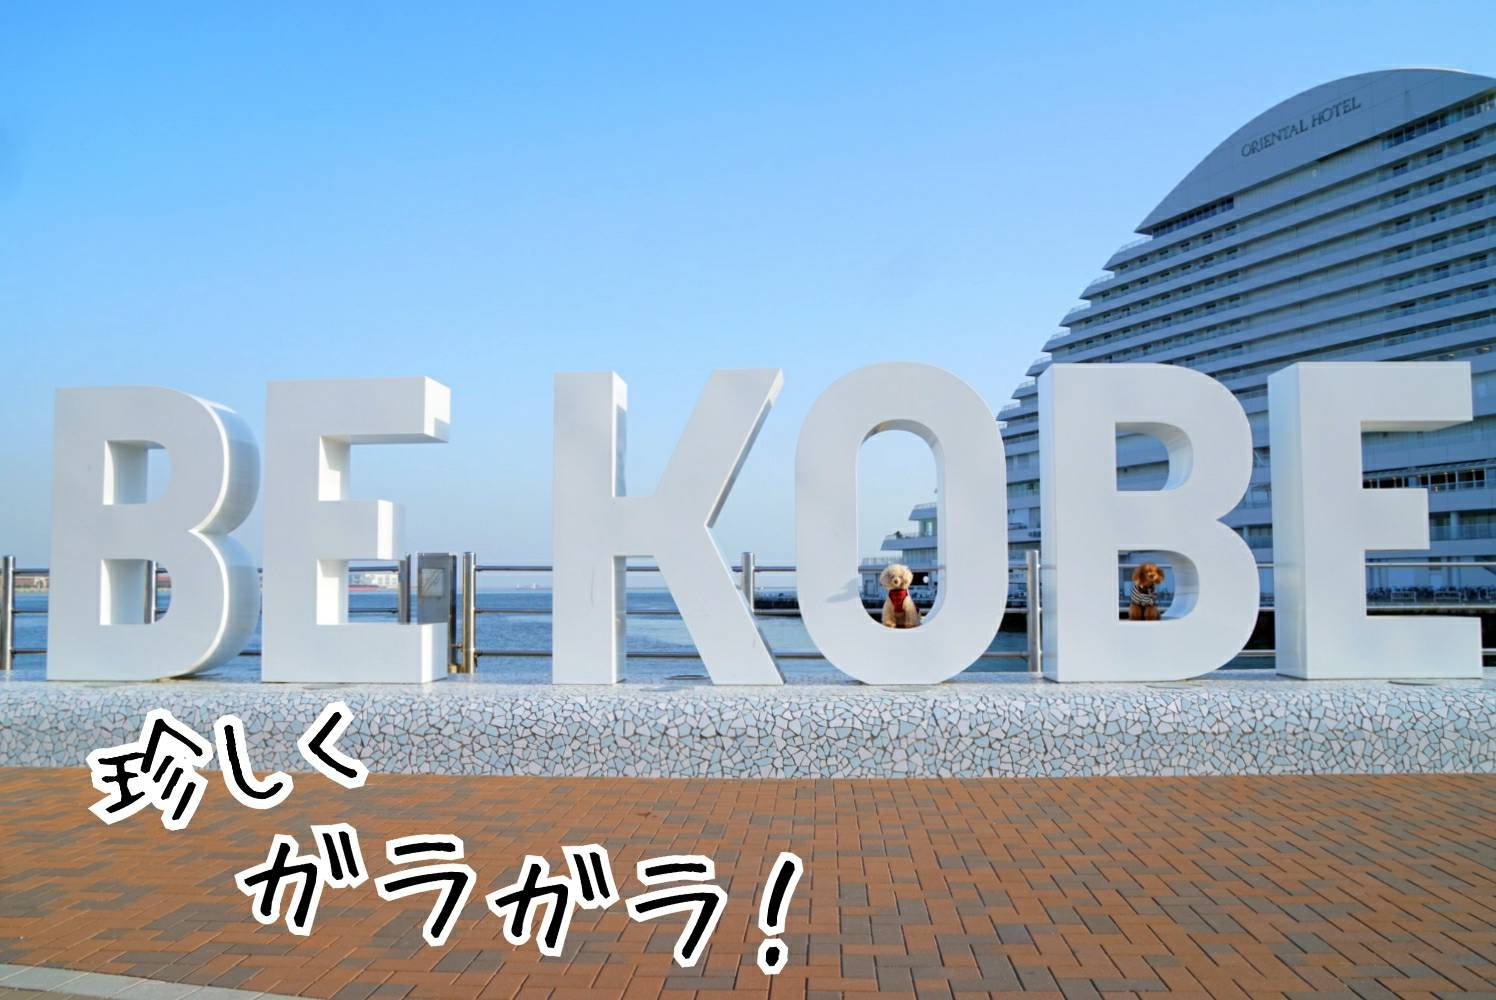 2019BEKOBE12.jpg